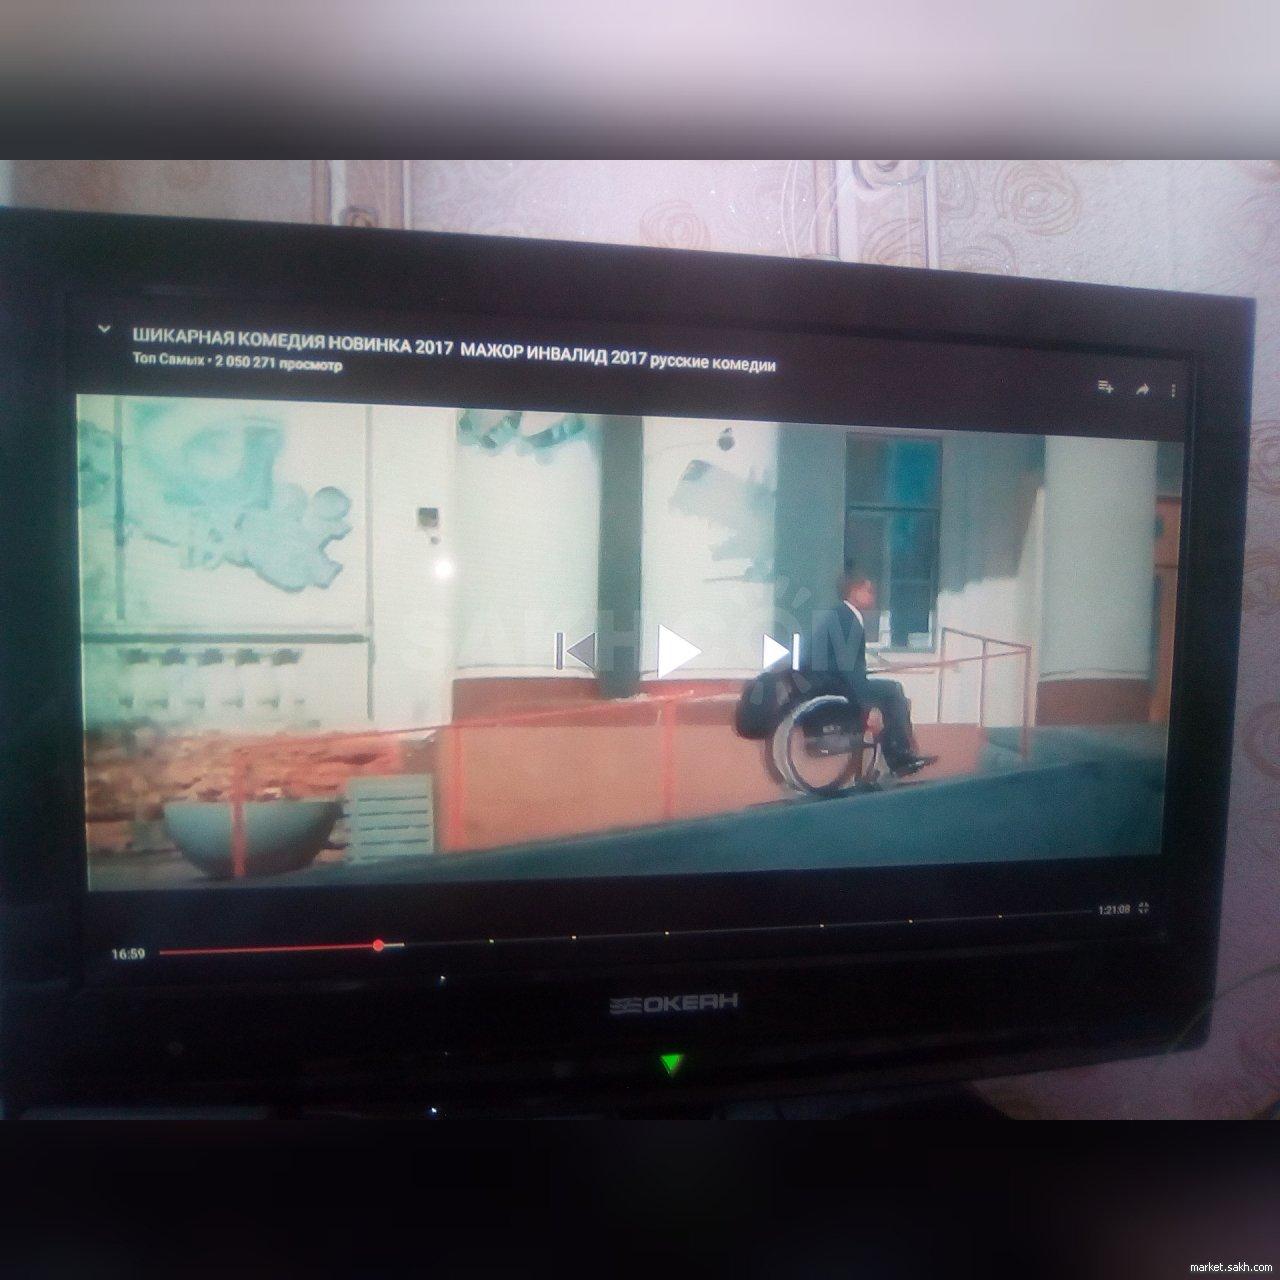 Отечественный софт предложили устанавливать на Smart-телевизорах